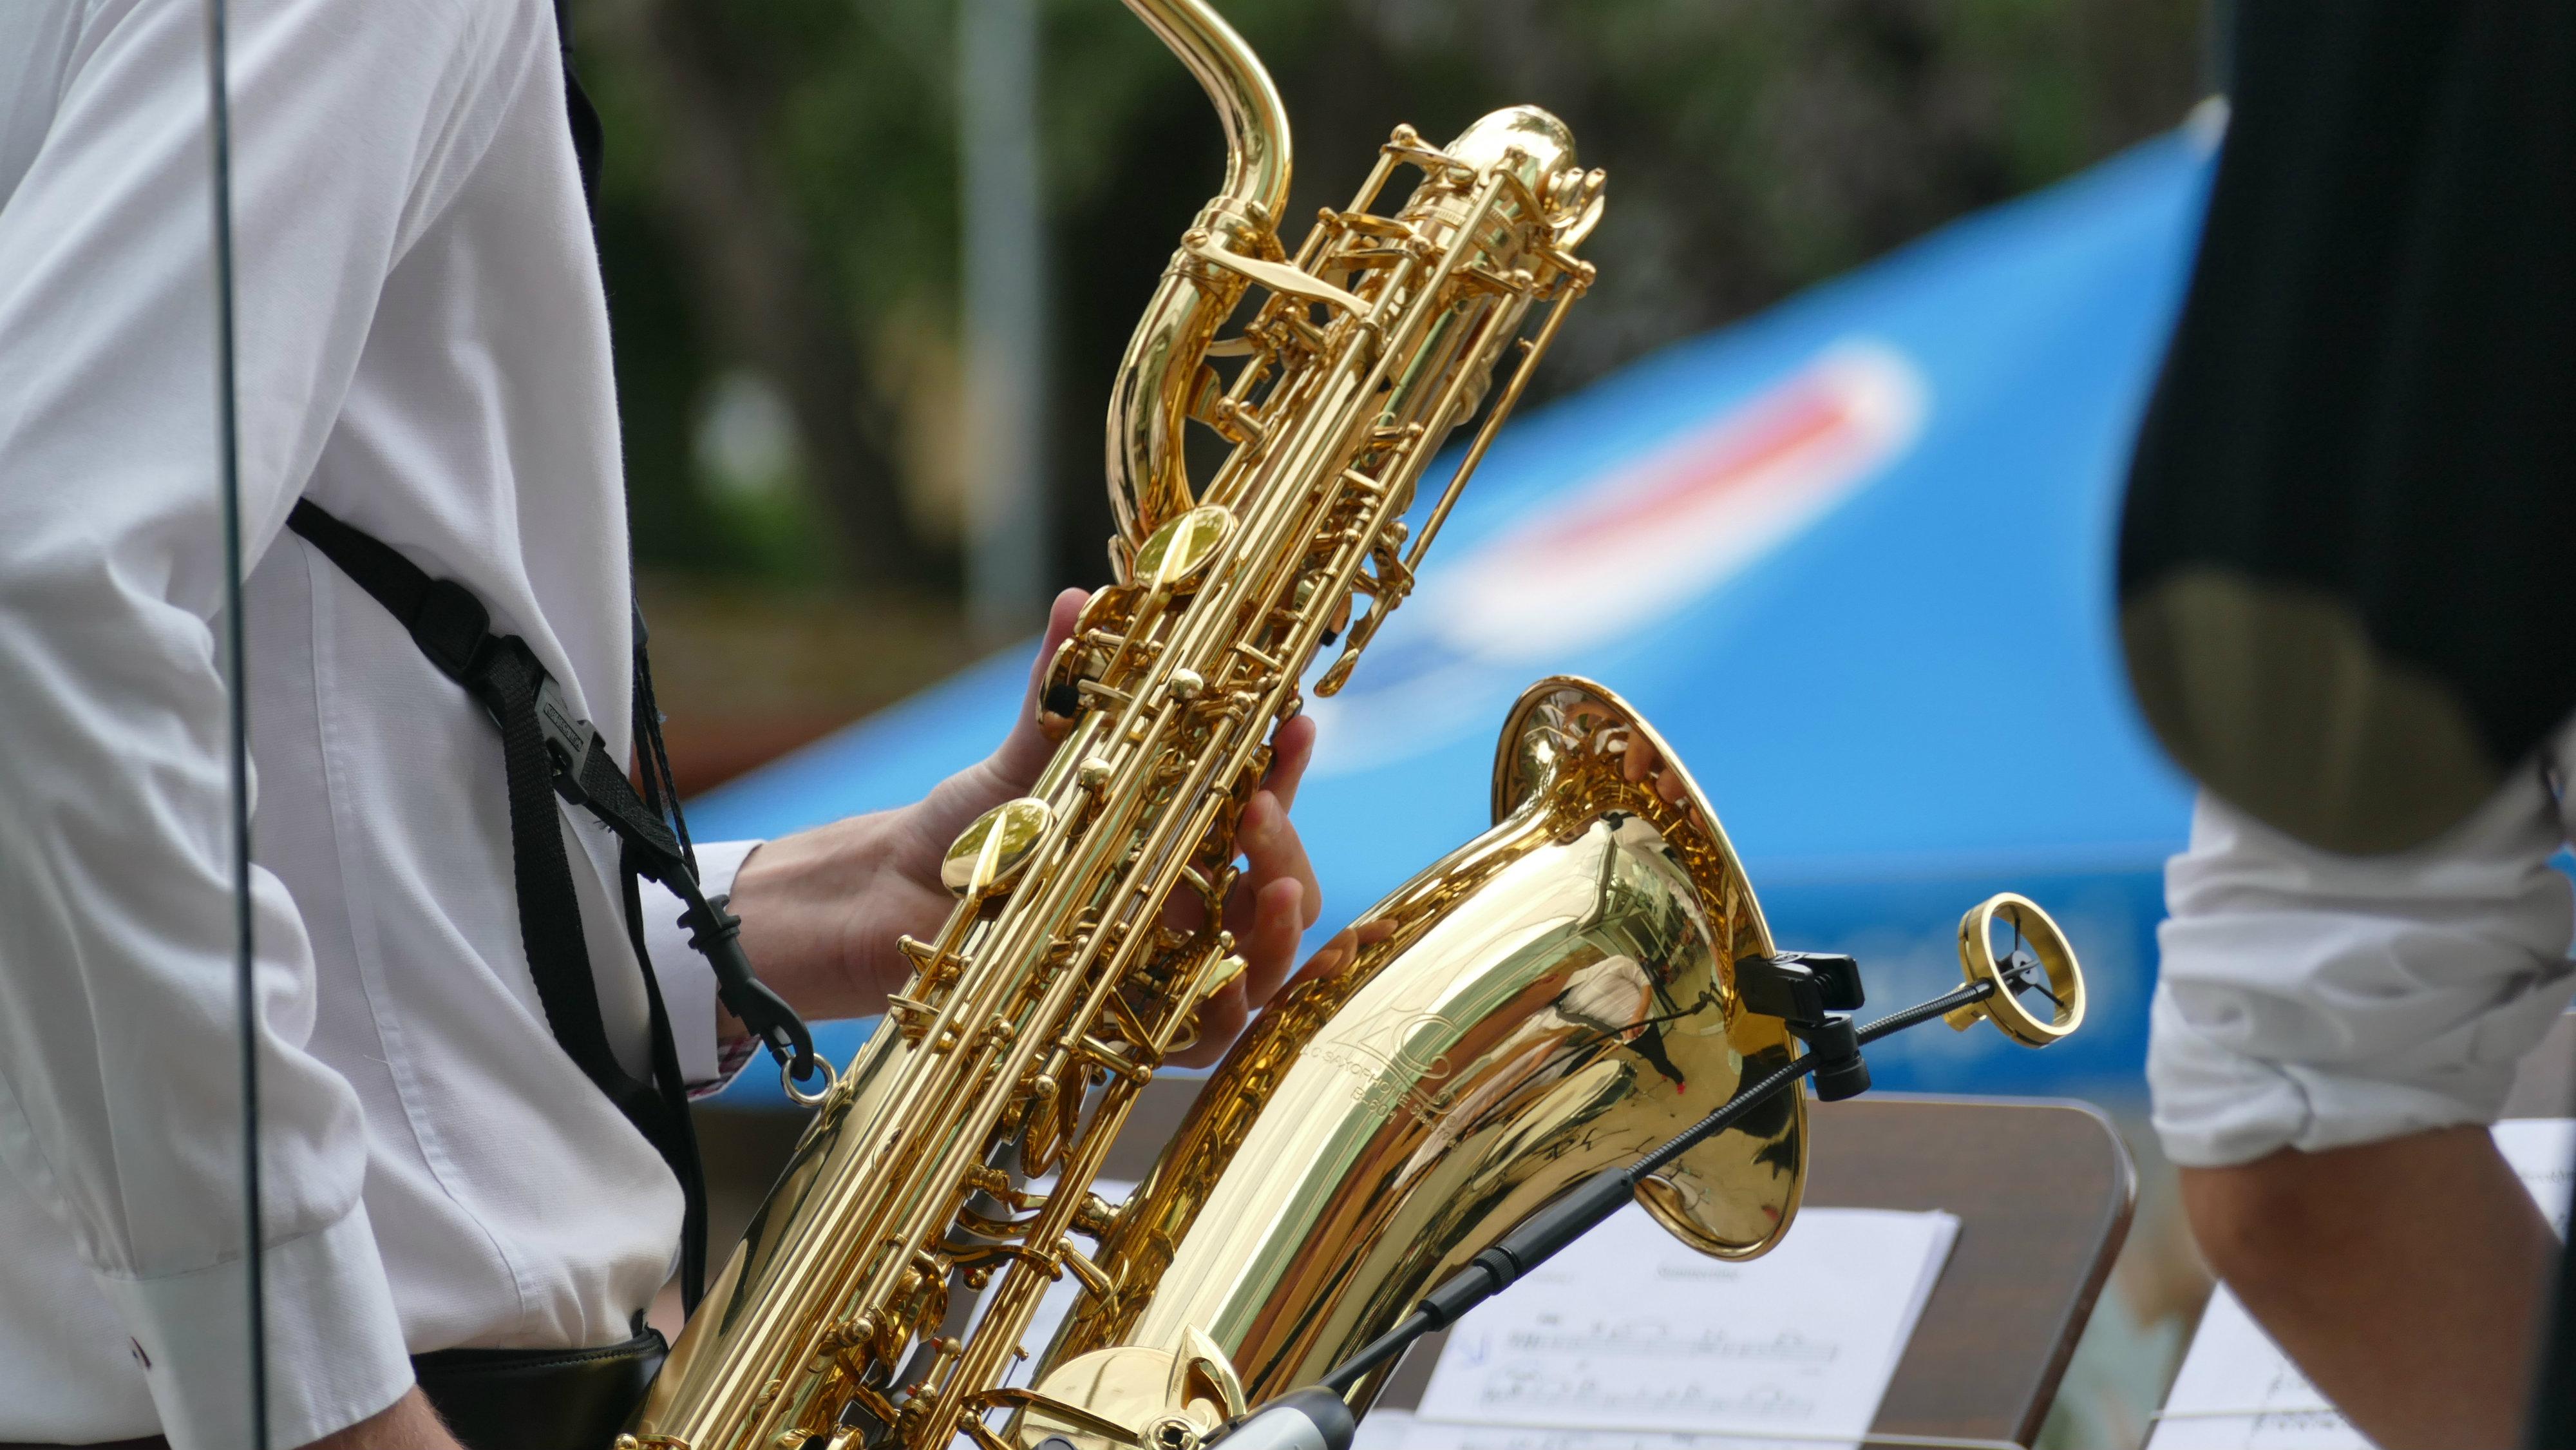 Niepowtarzalny klimat i bogata tradycja – 28. Spotkanie Muzyków Jazzowych w Rudnikach już w sobotę! [fot. Małgorzata Ślusarczyk]